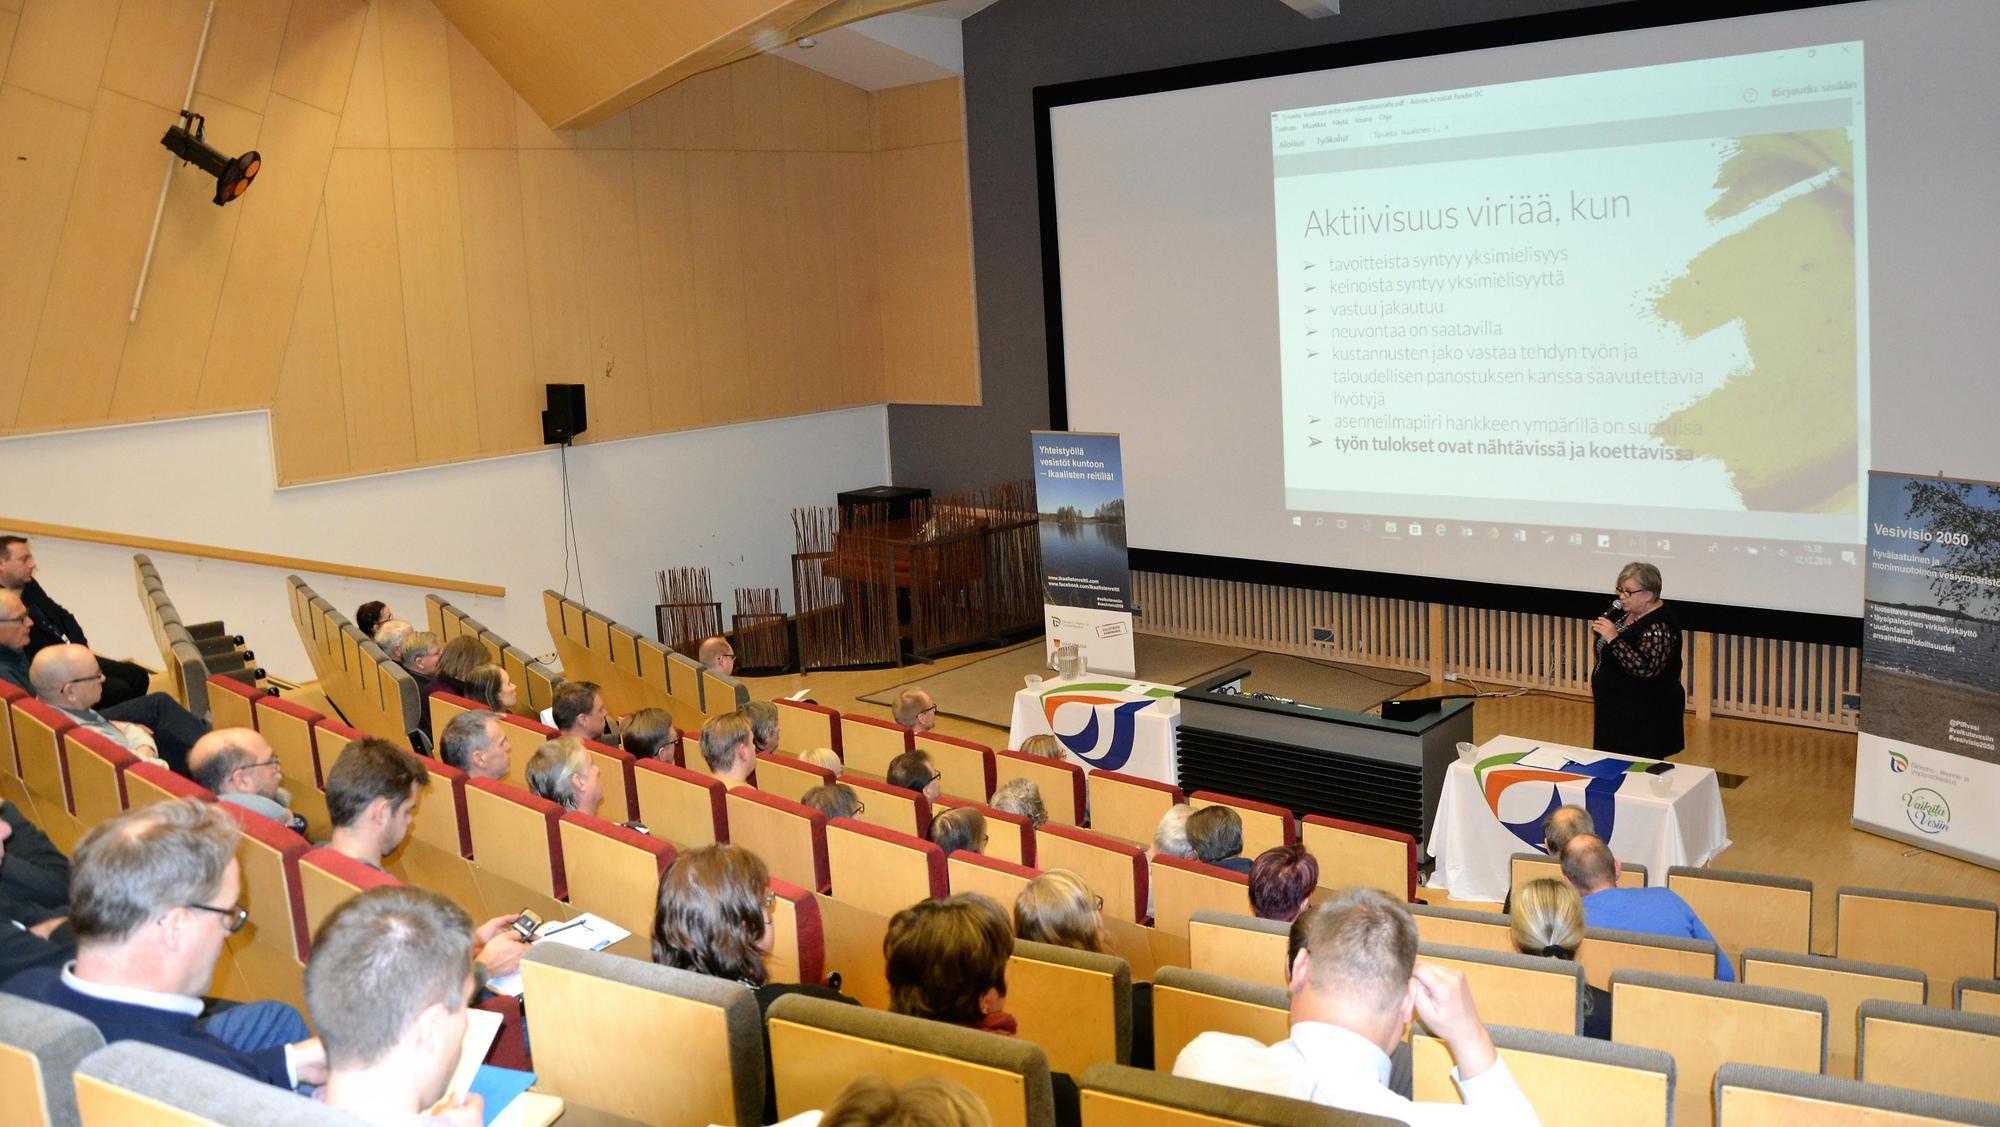 Neuvottelukunnan jäsenistöä auditoriossa seuraamassa Arja Pihlajan esitystä.